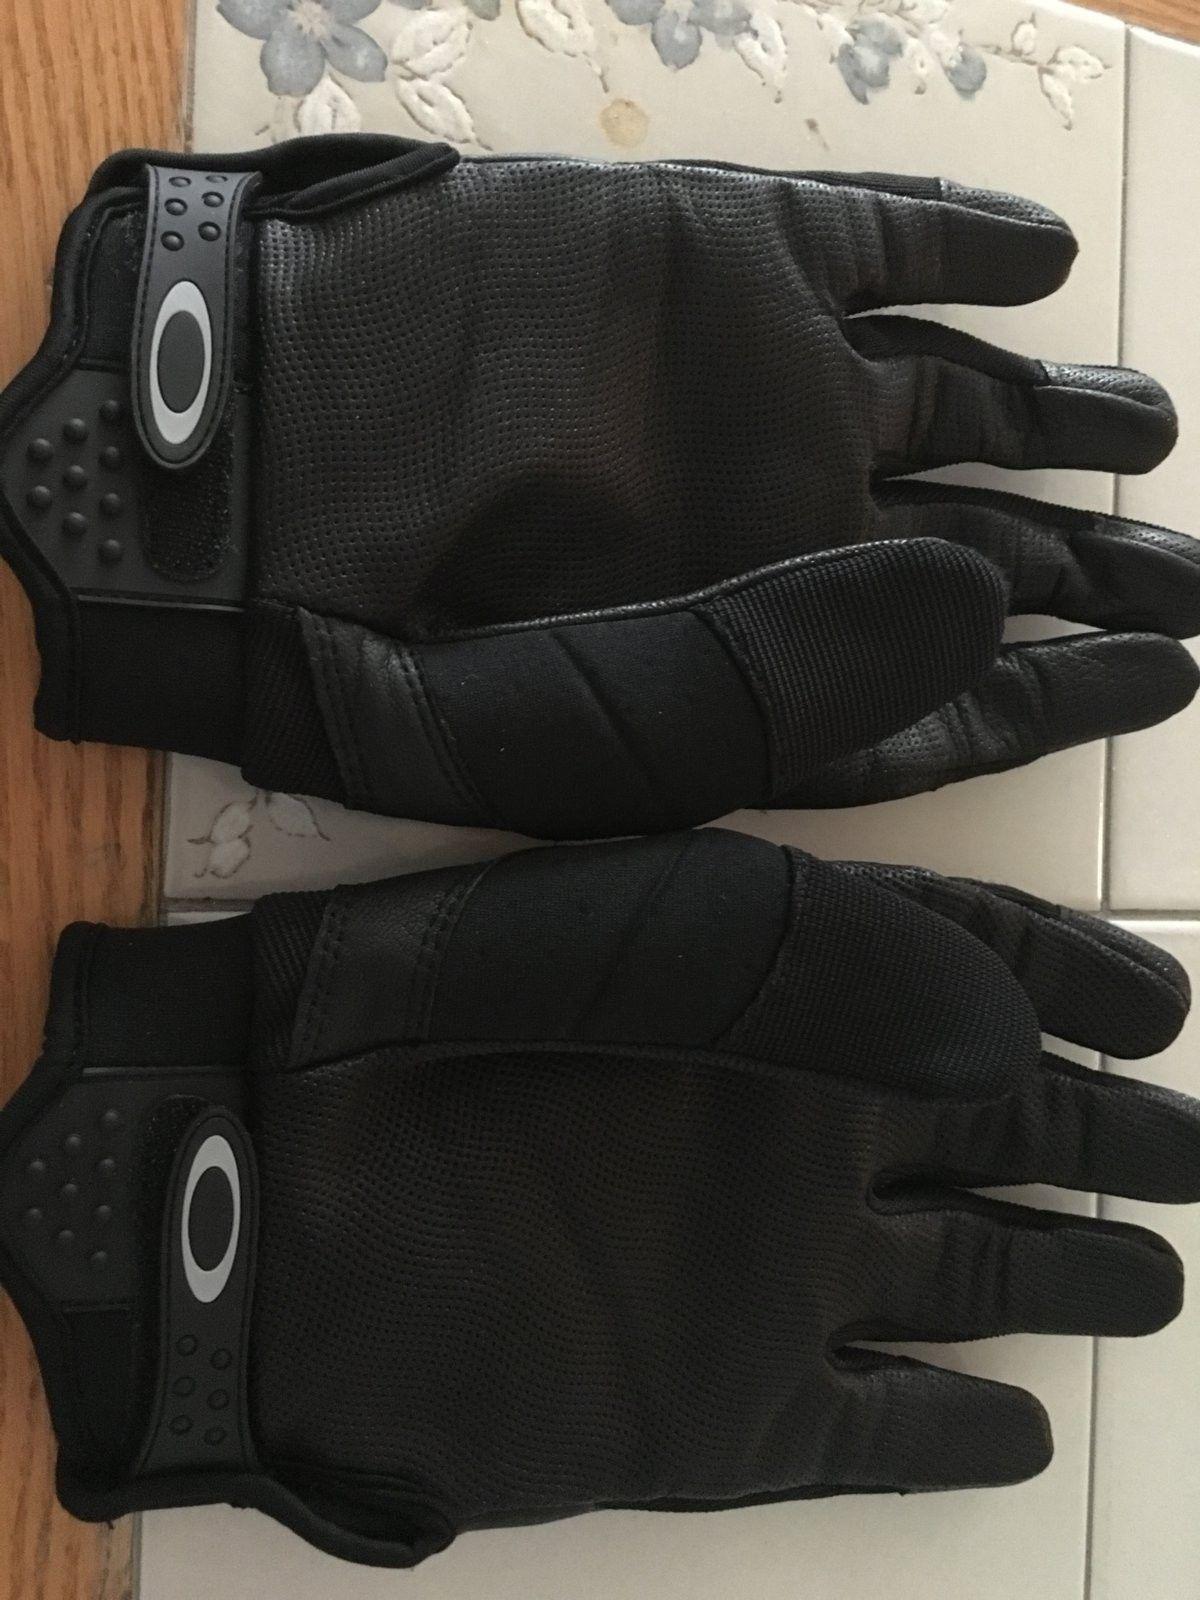 Oakley Assault Gloves New - image.jpeg